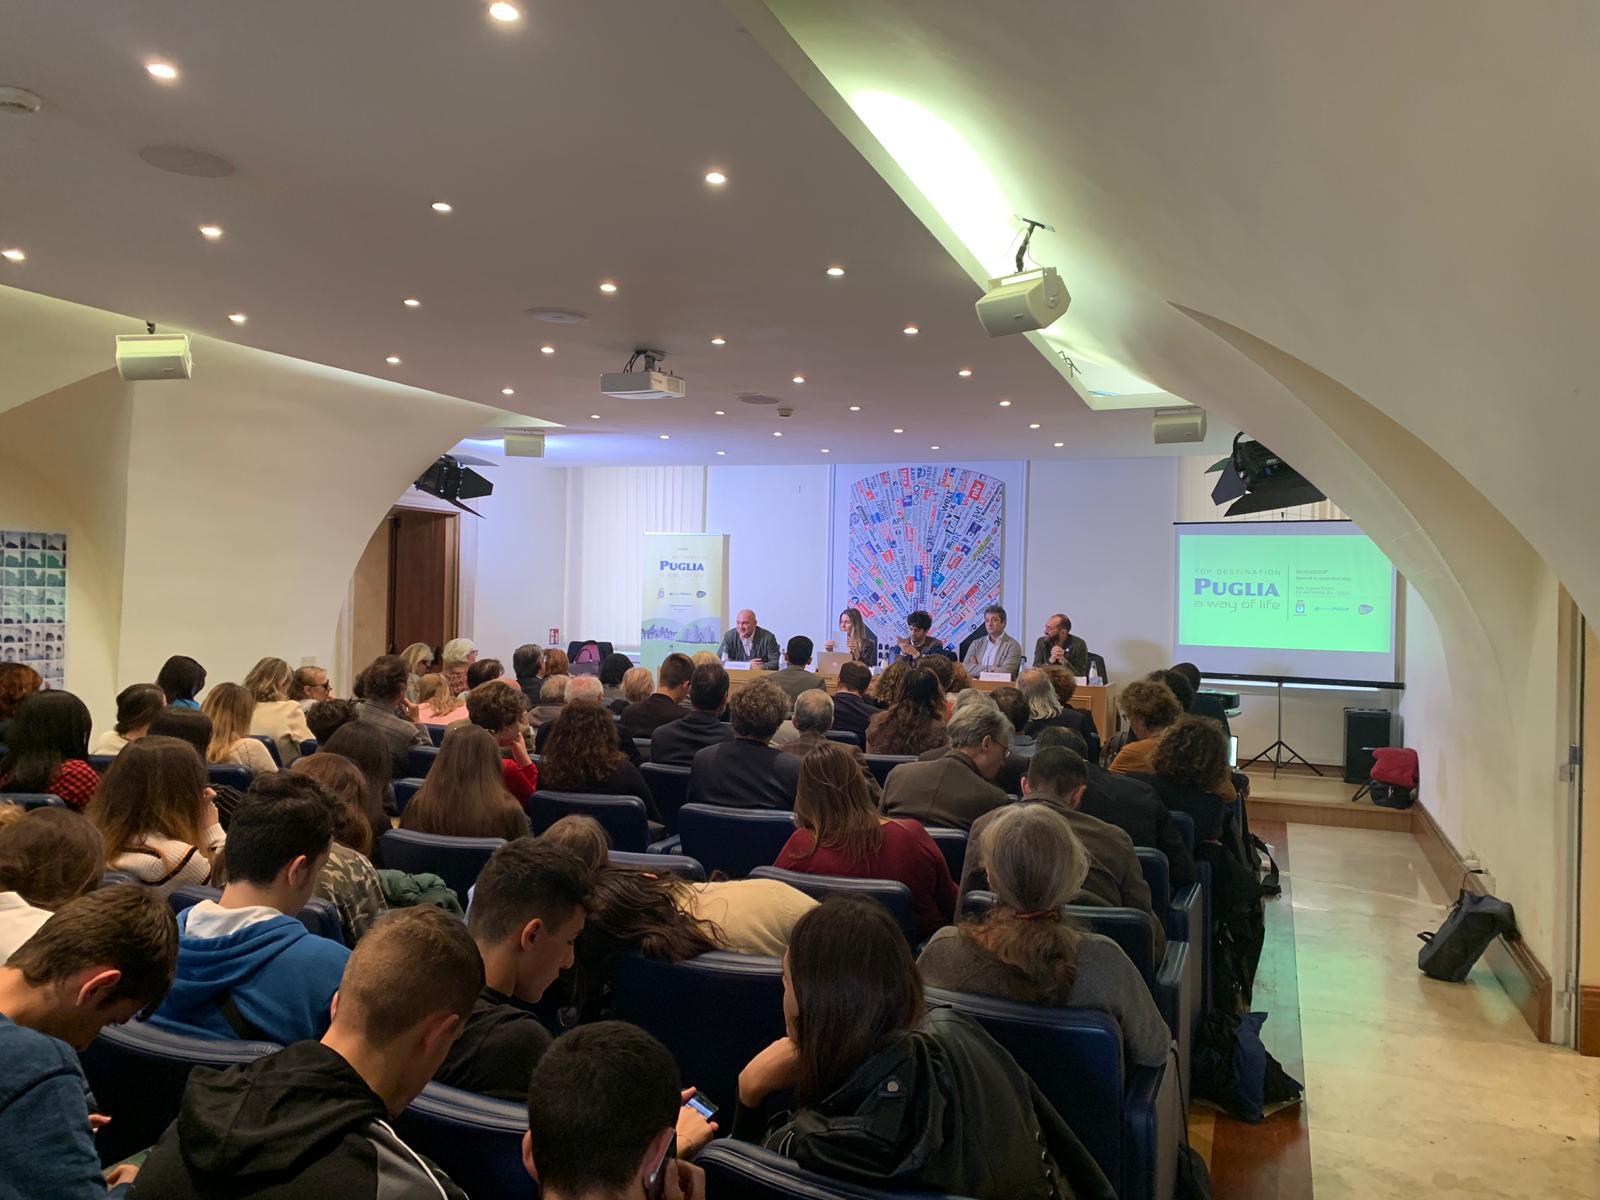 puglia, a way of life invito stampa estera turismo sostenibile